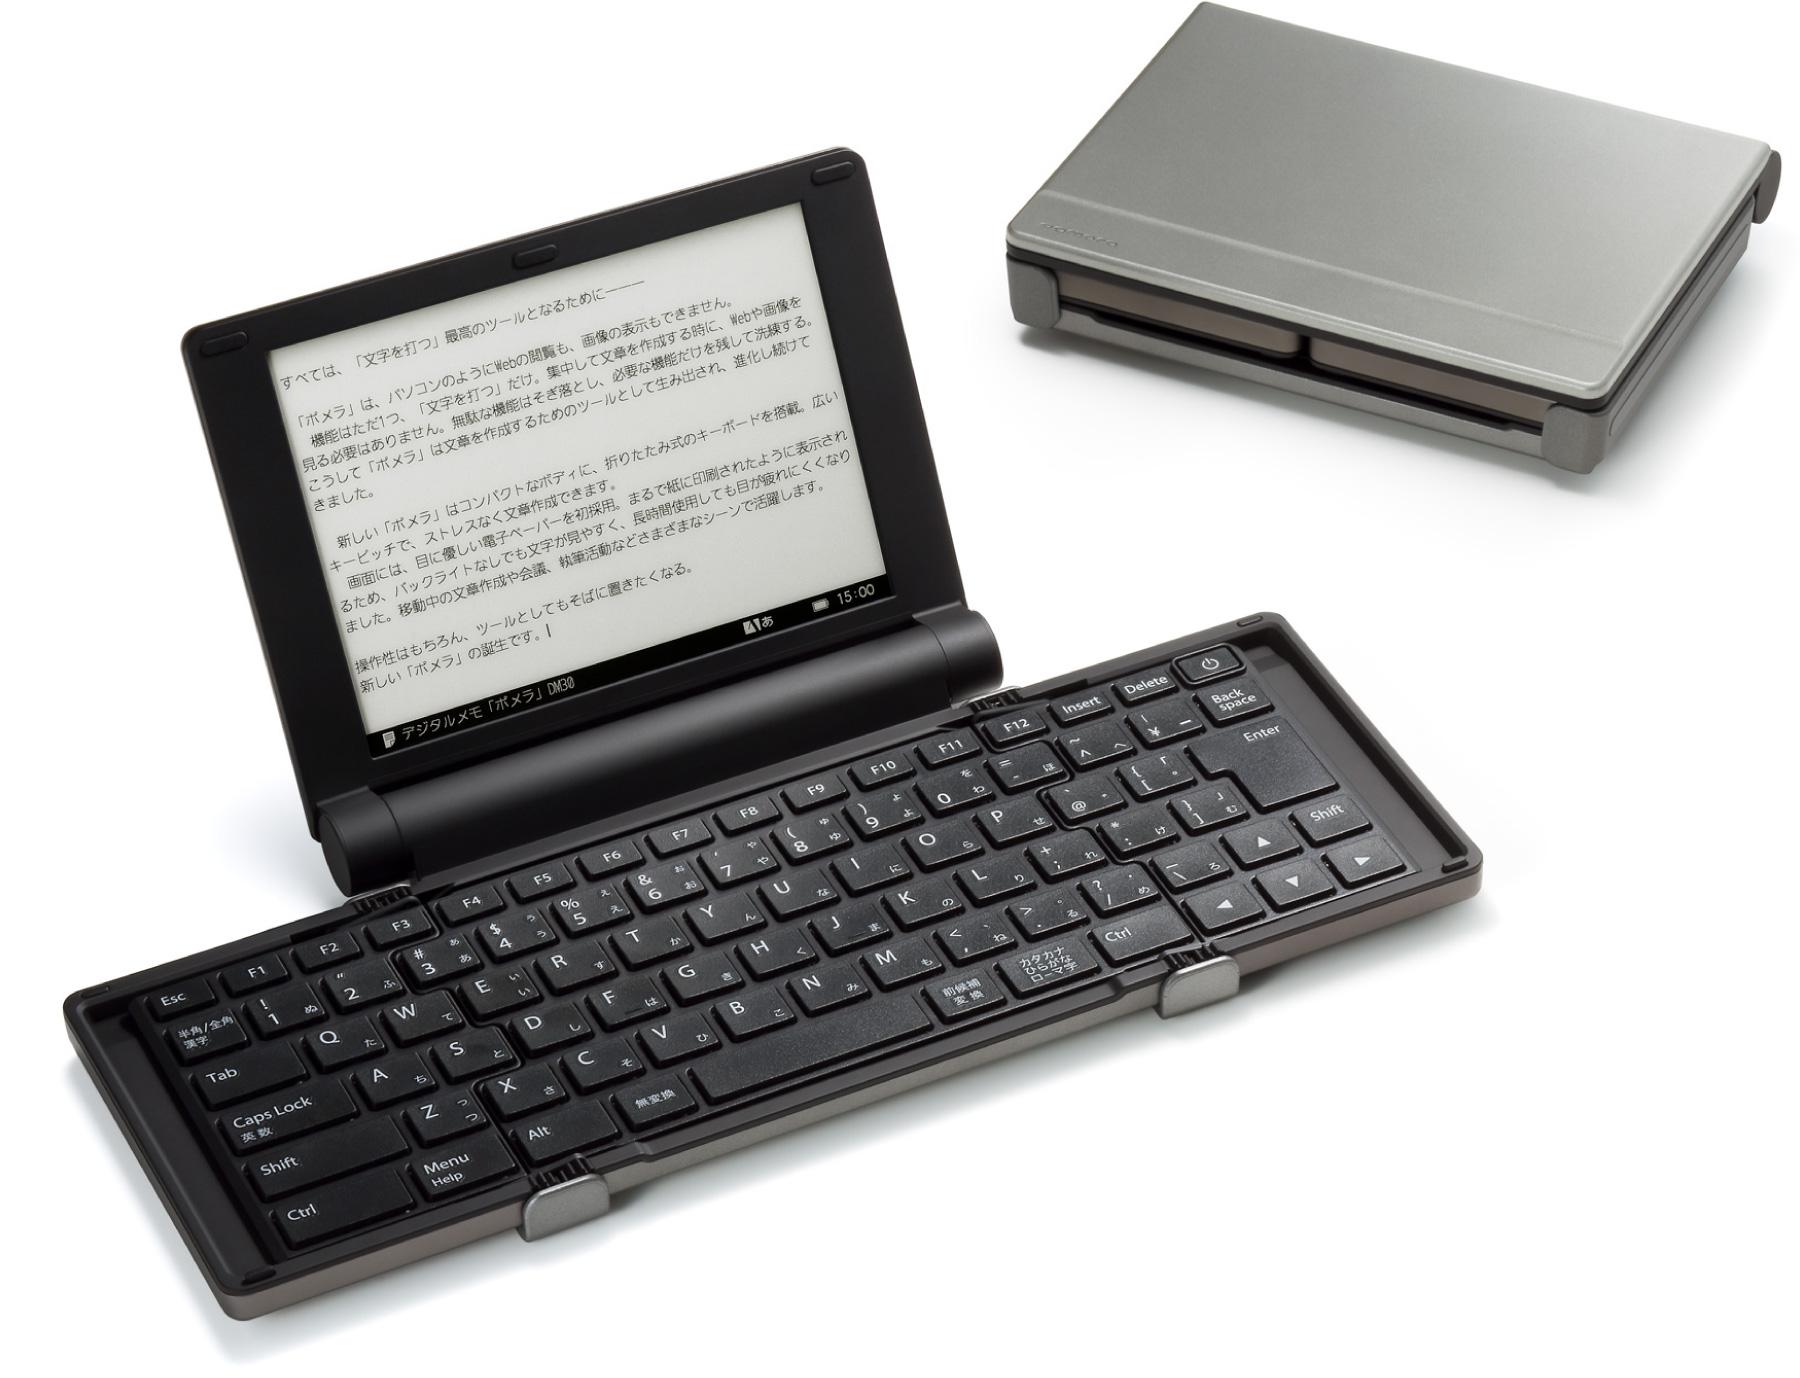 Pomera DM-30 - składane urządzenie do pisania (złożone i rozłożone)